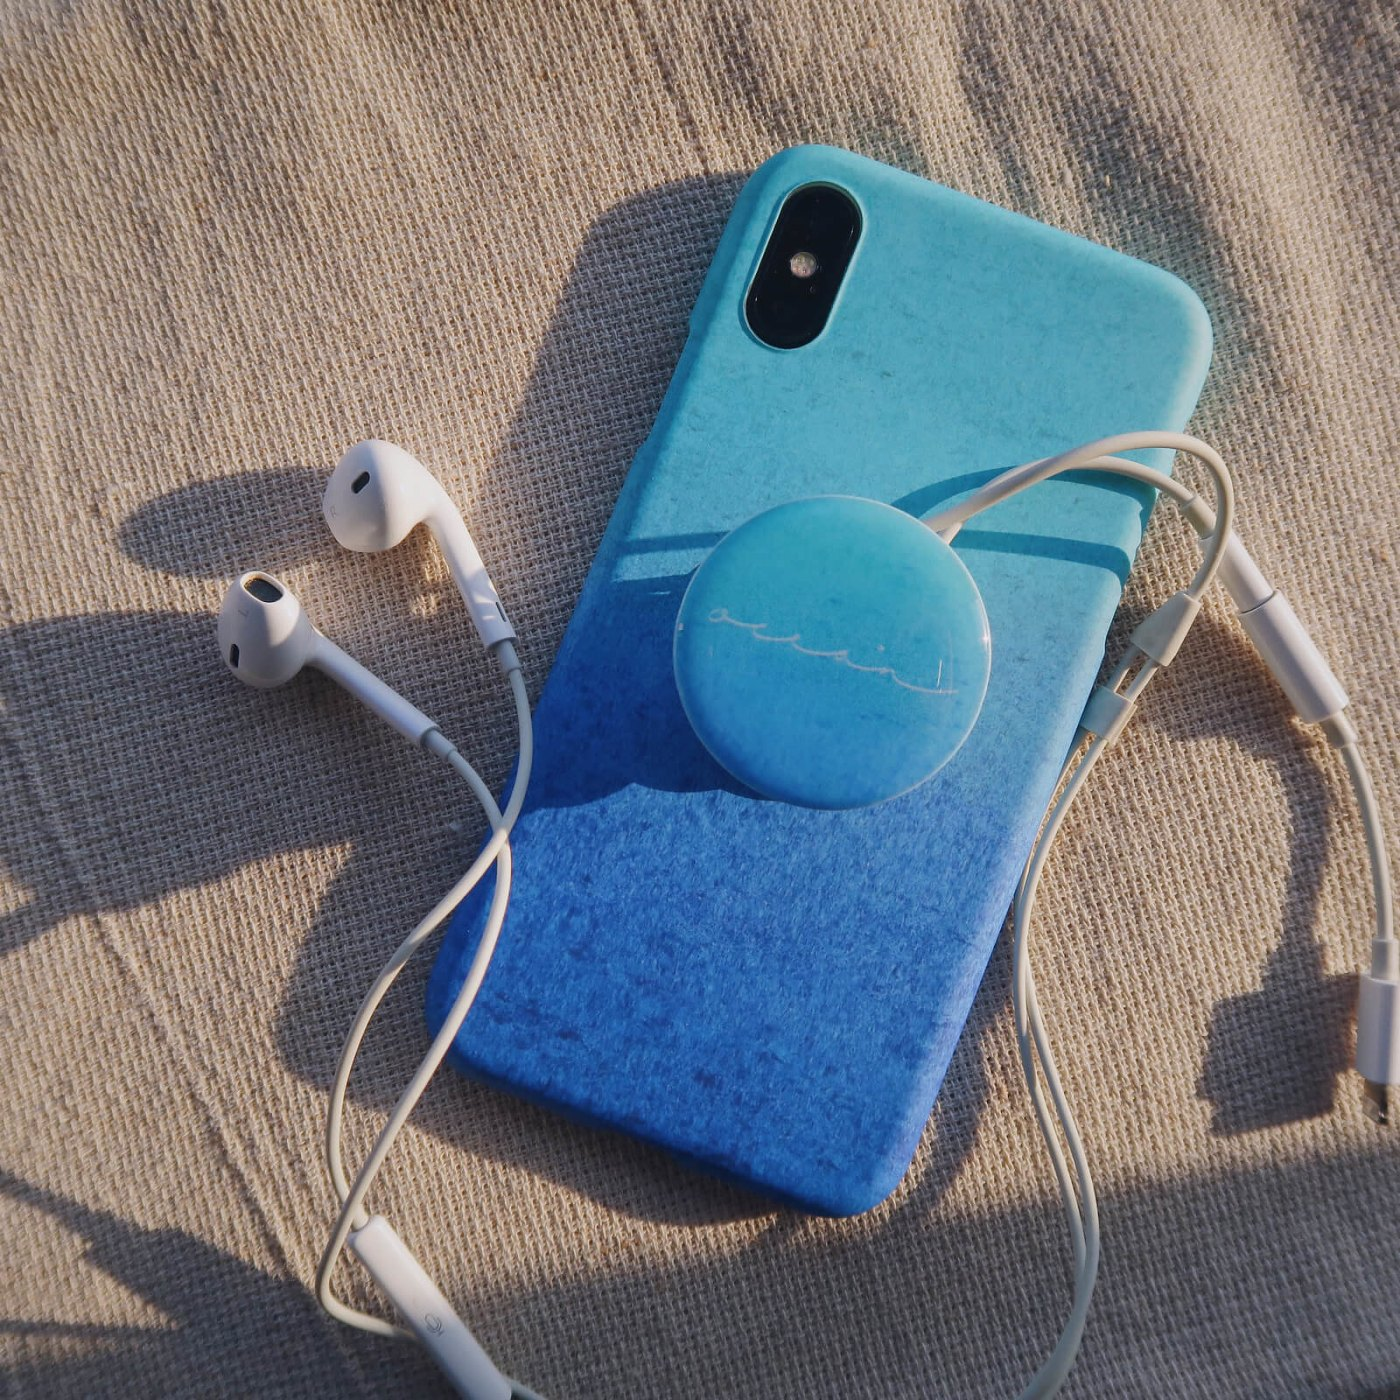 49686060452 106c6e7043 h 每個人的內心都是一片海,藏著深不見底的藍。